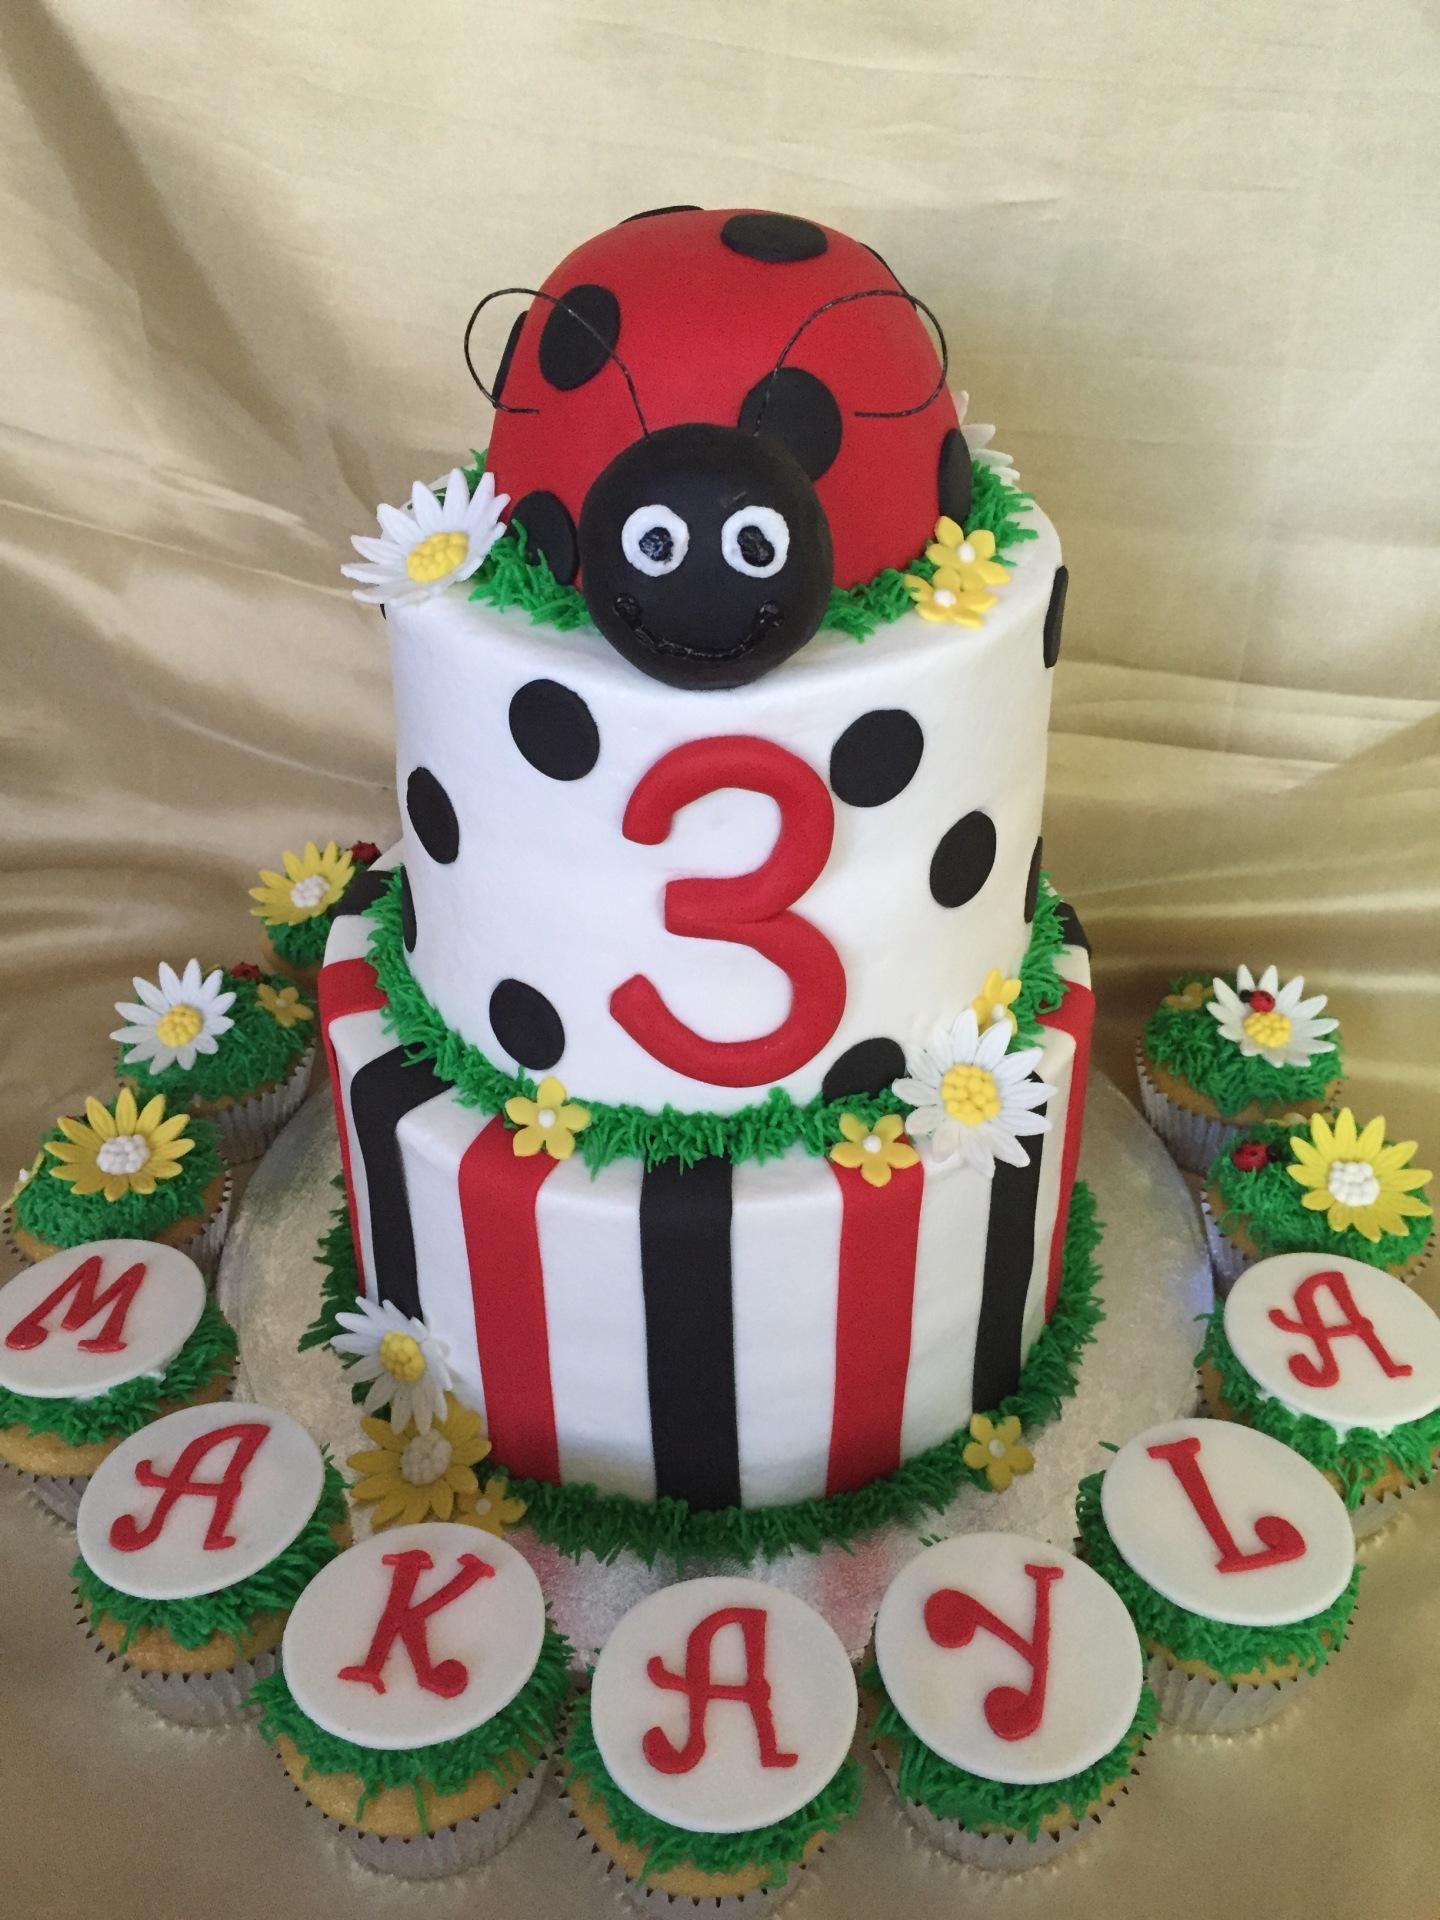 Ladybug tiered cake cupcakes